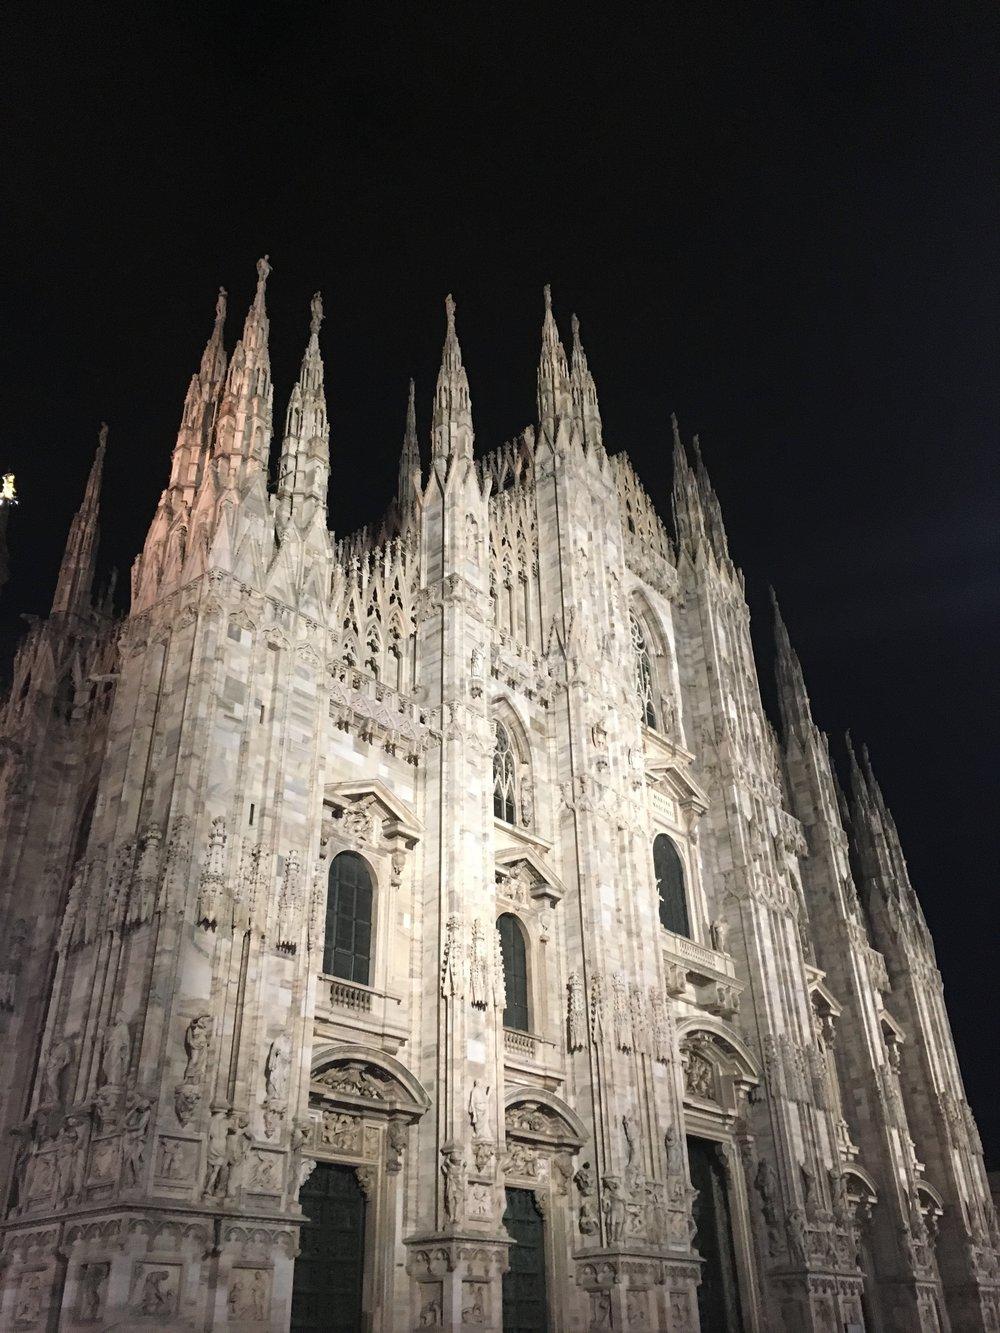 Duomo lit up at night